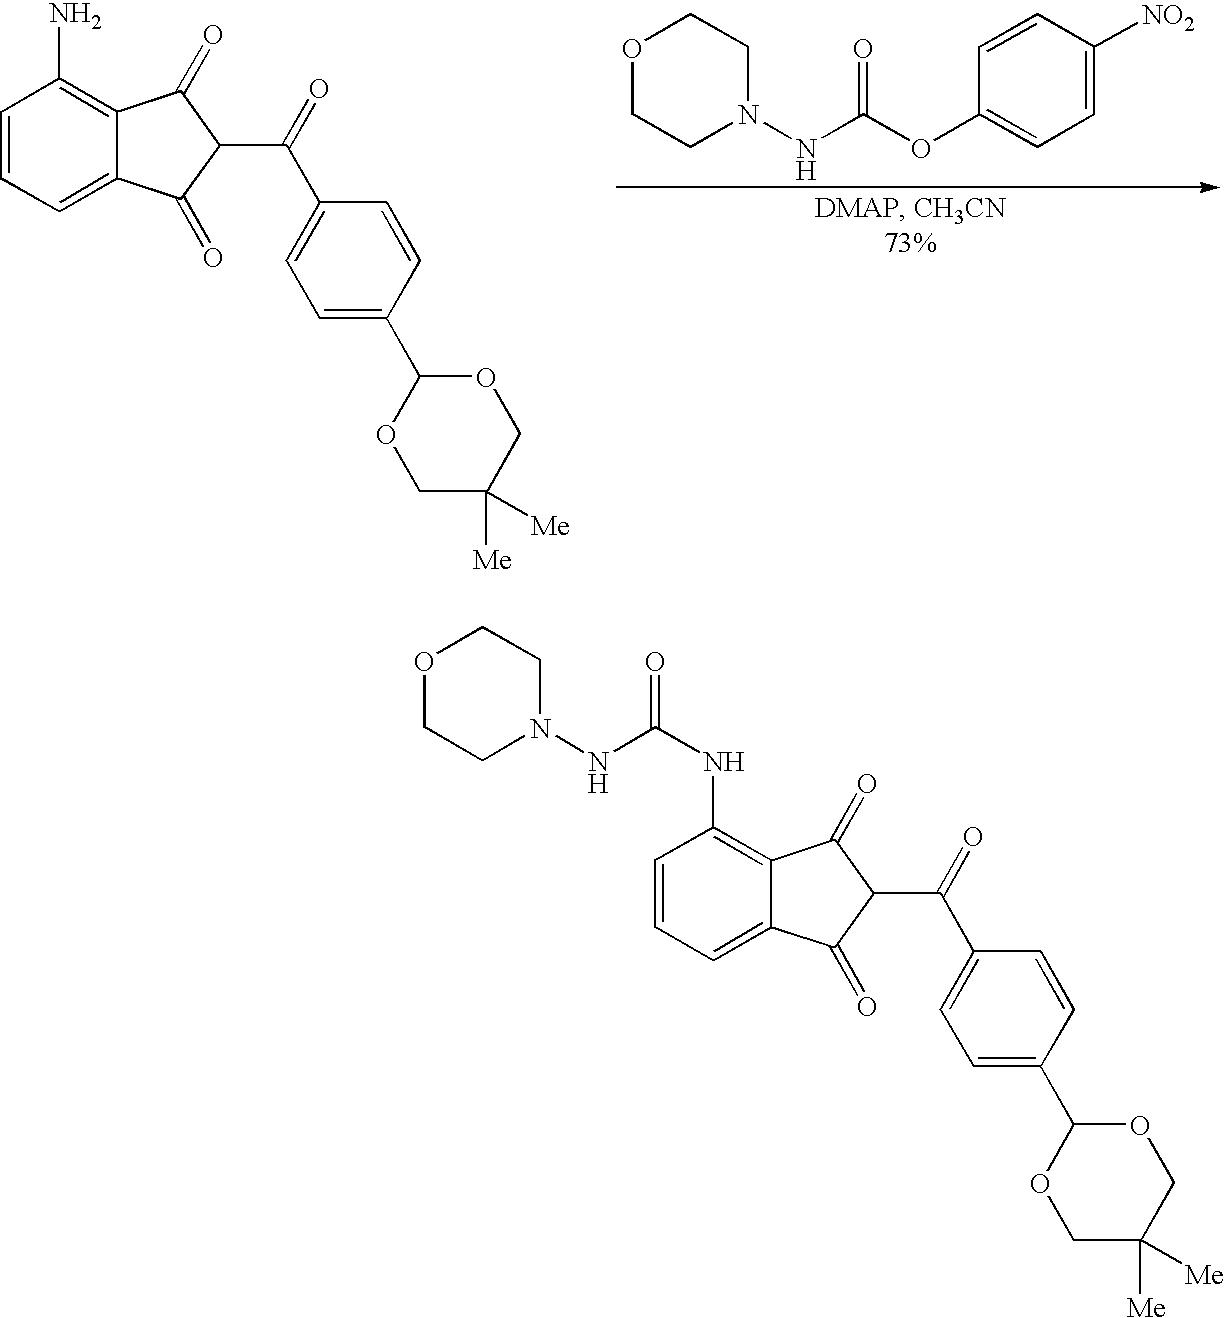 Figure US07605175-20091020-C00058